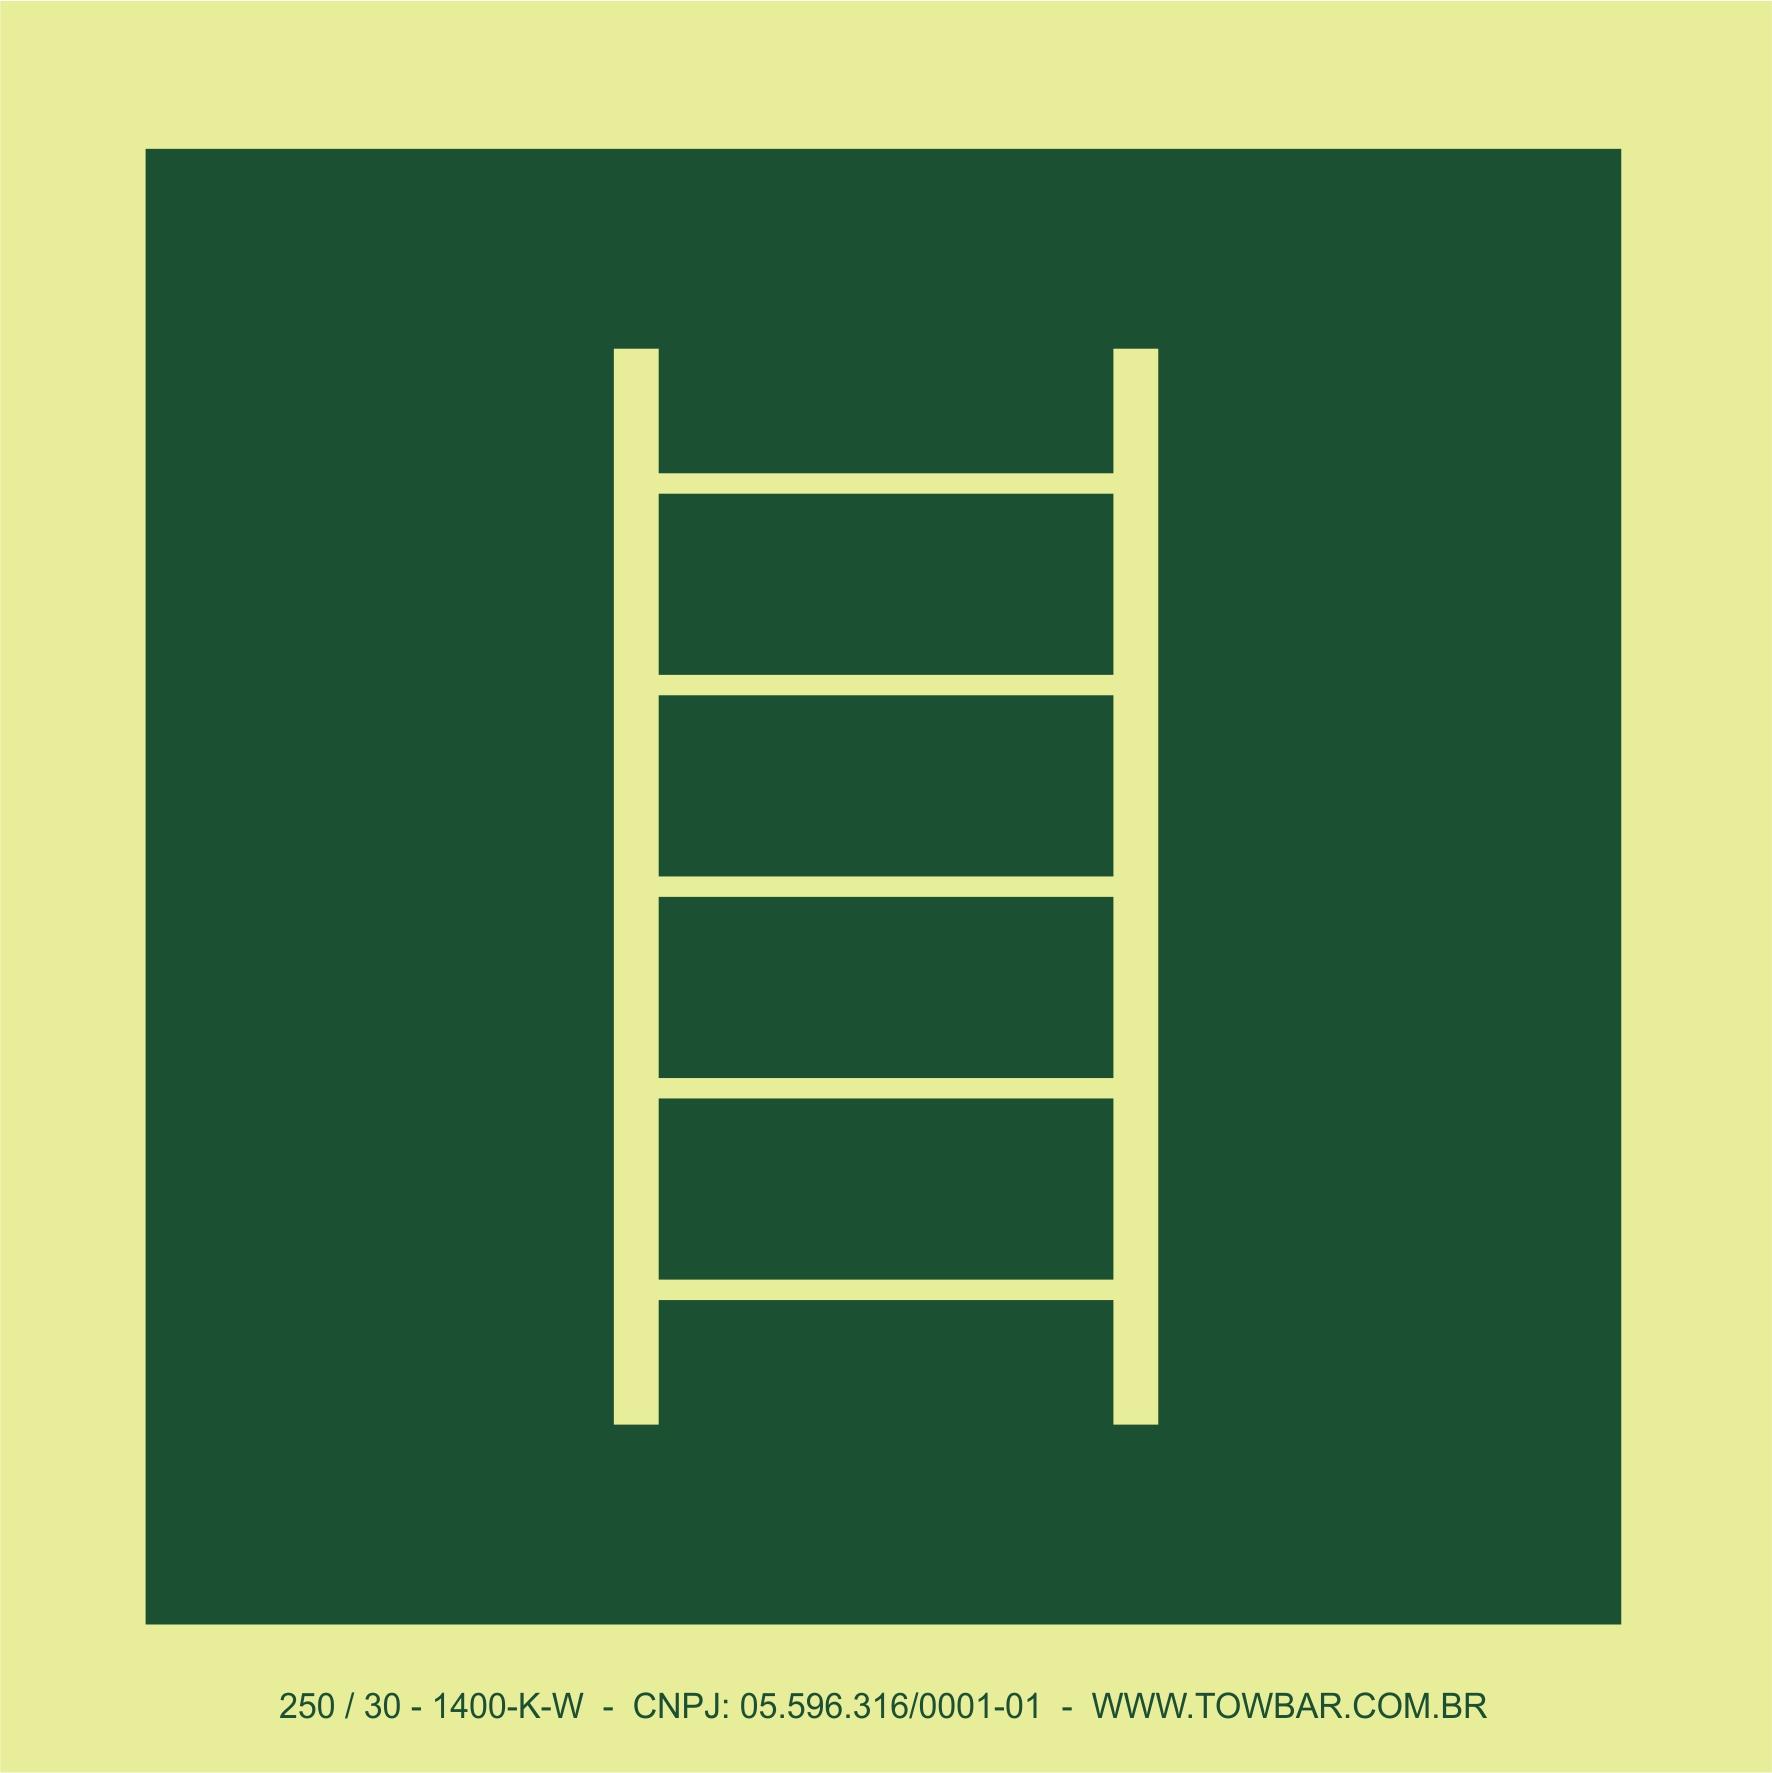 Escada de emergência (Escape ladder)  - Towbar Sinalização de Segurança